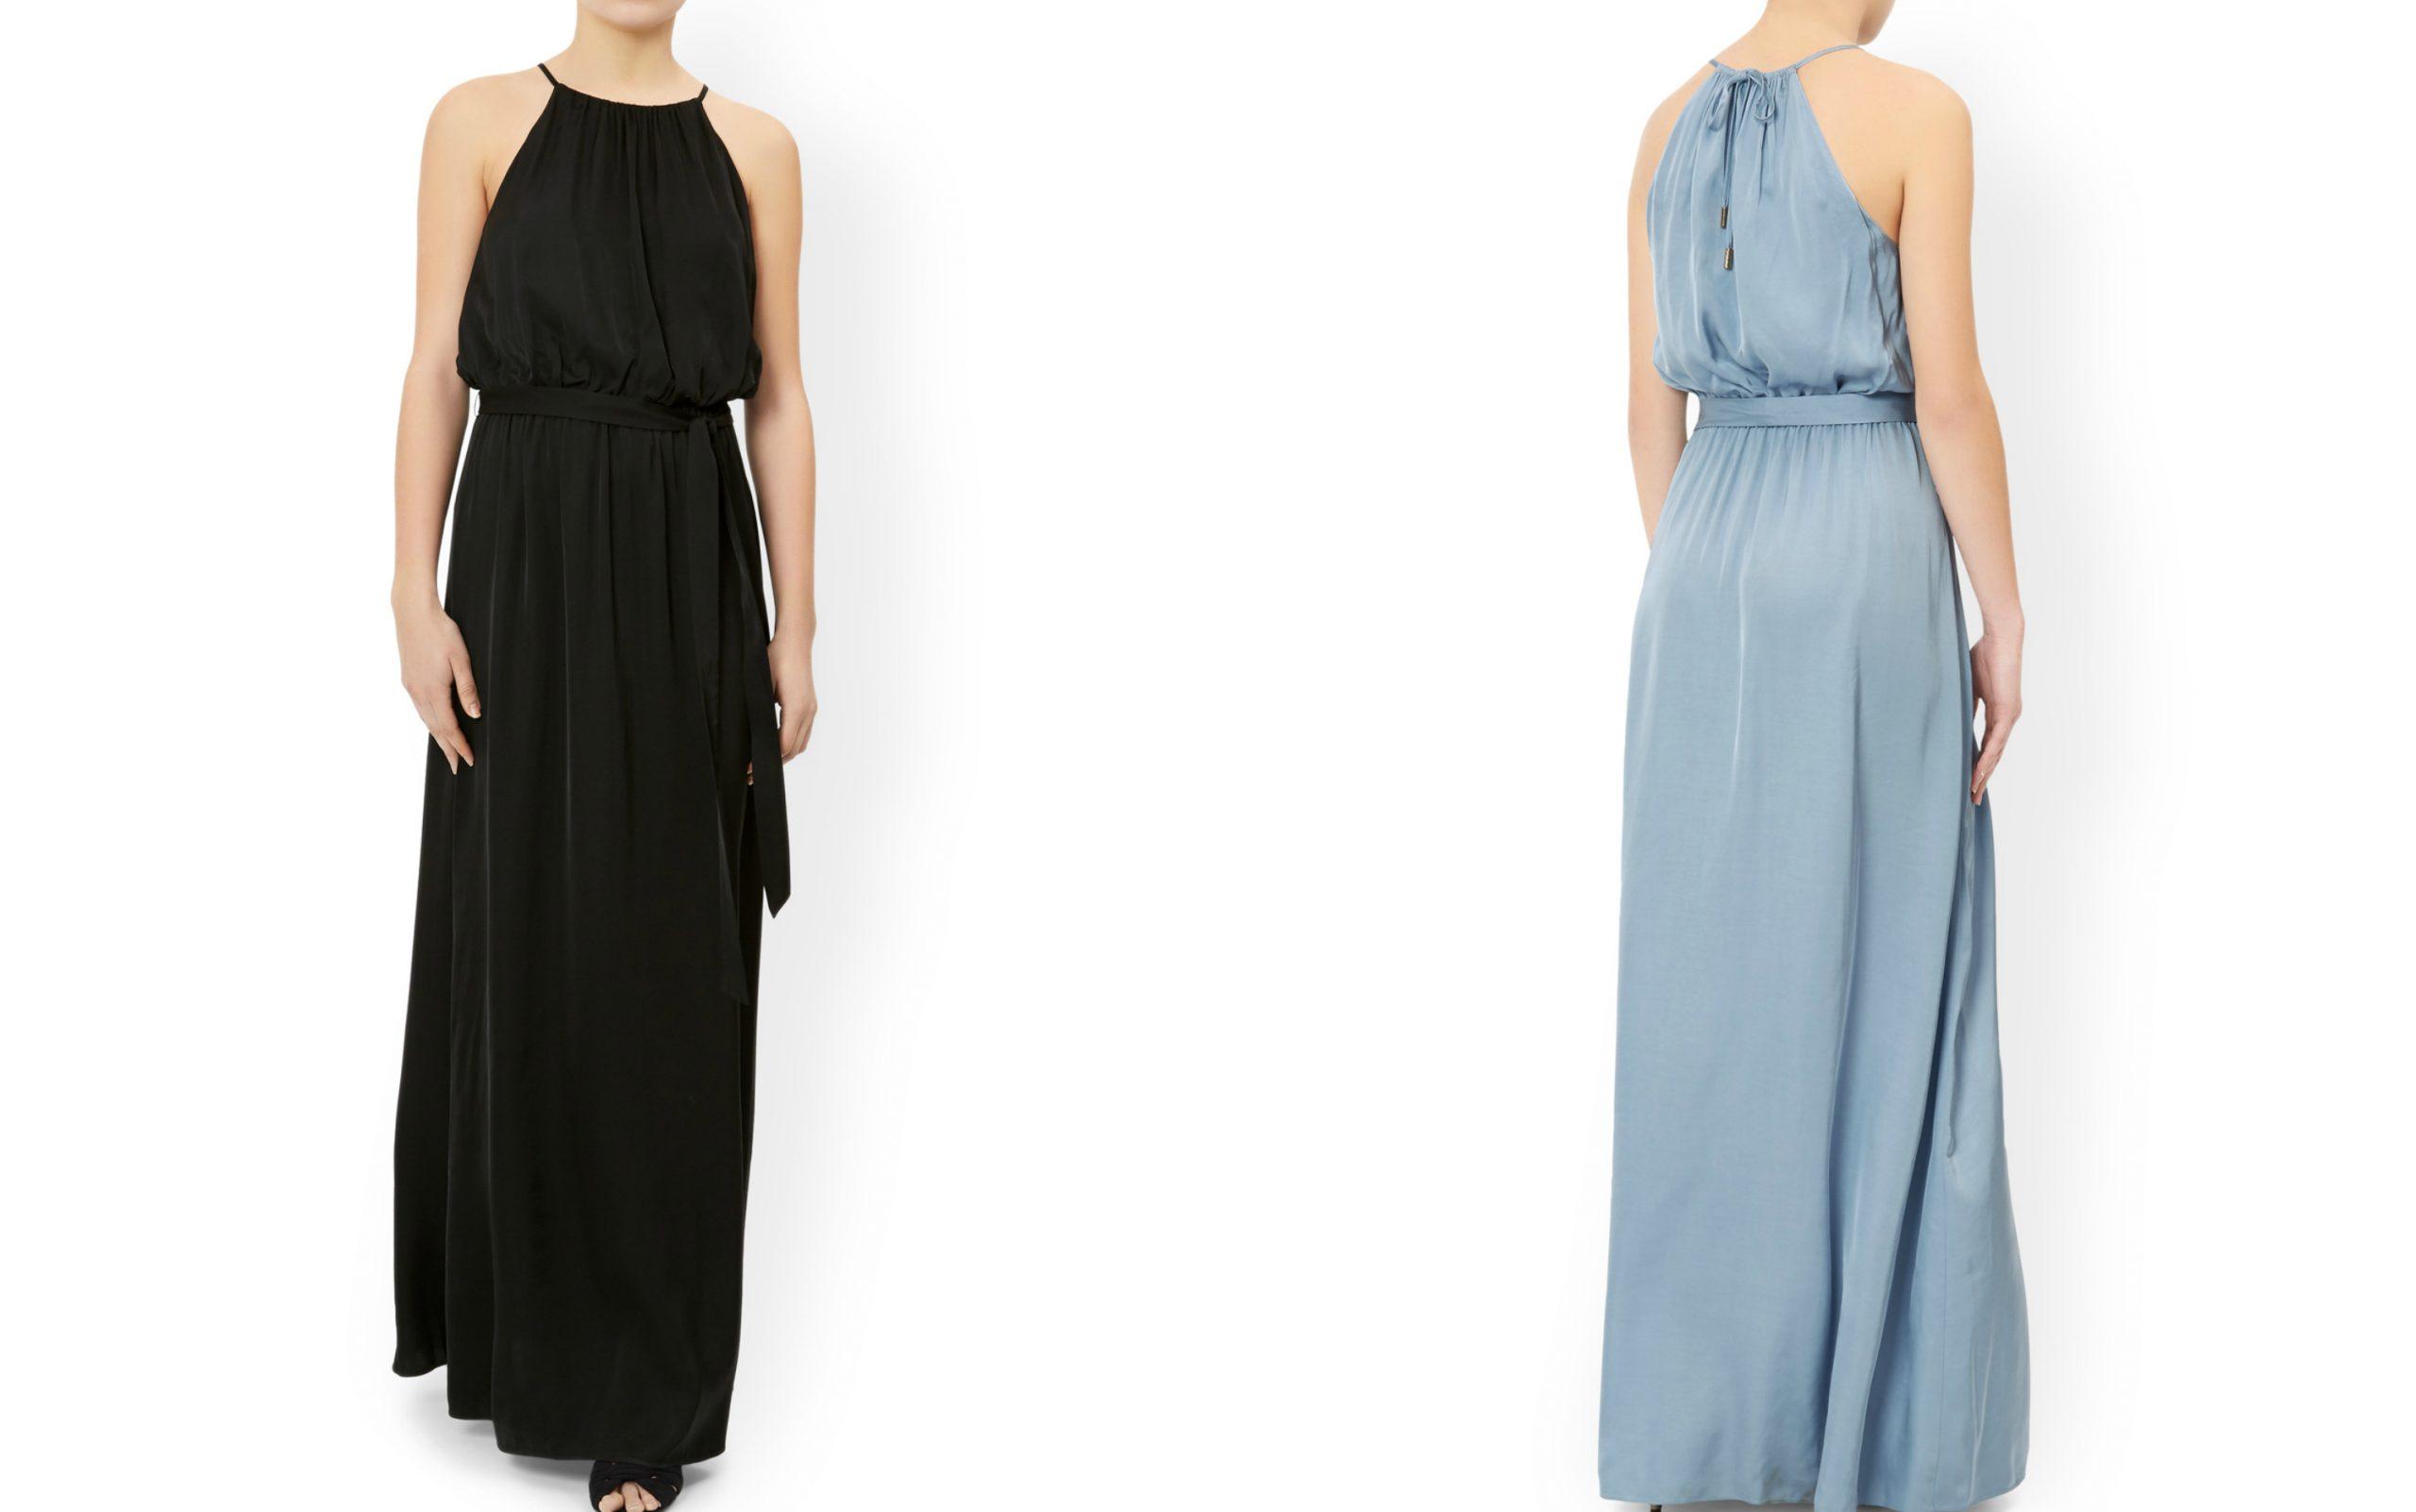 10 Elegant Abendkleid Fairtrade DesignAbend Wunderbar Abendkleid Fairtrade Spezialgebiet